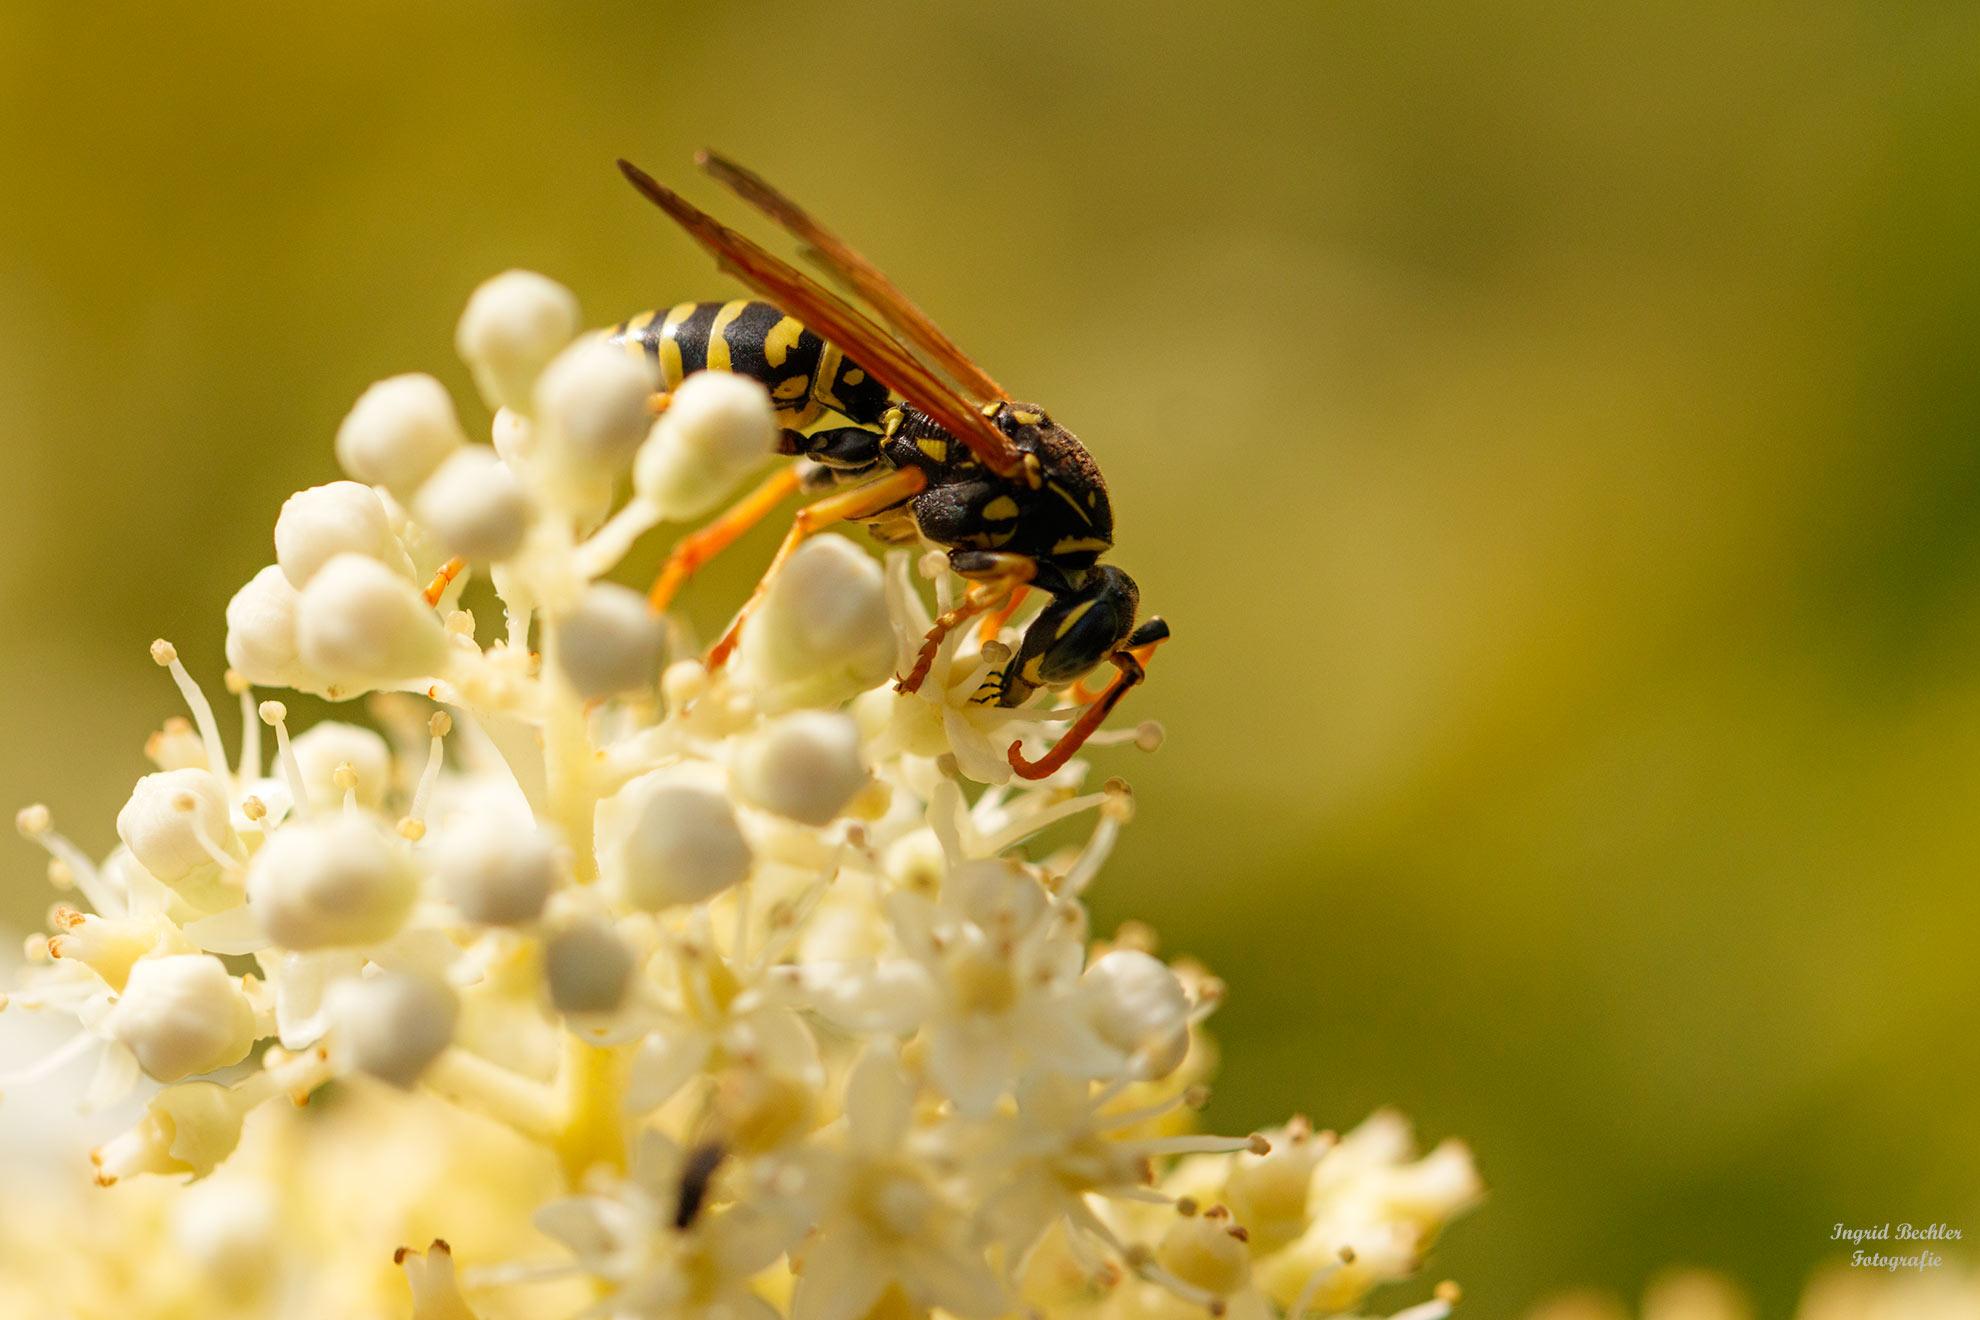 Eine Deutsche Wespe bei der Nahrungsaufnahme (Foto: Ingrid Bechler)